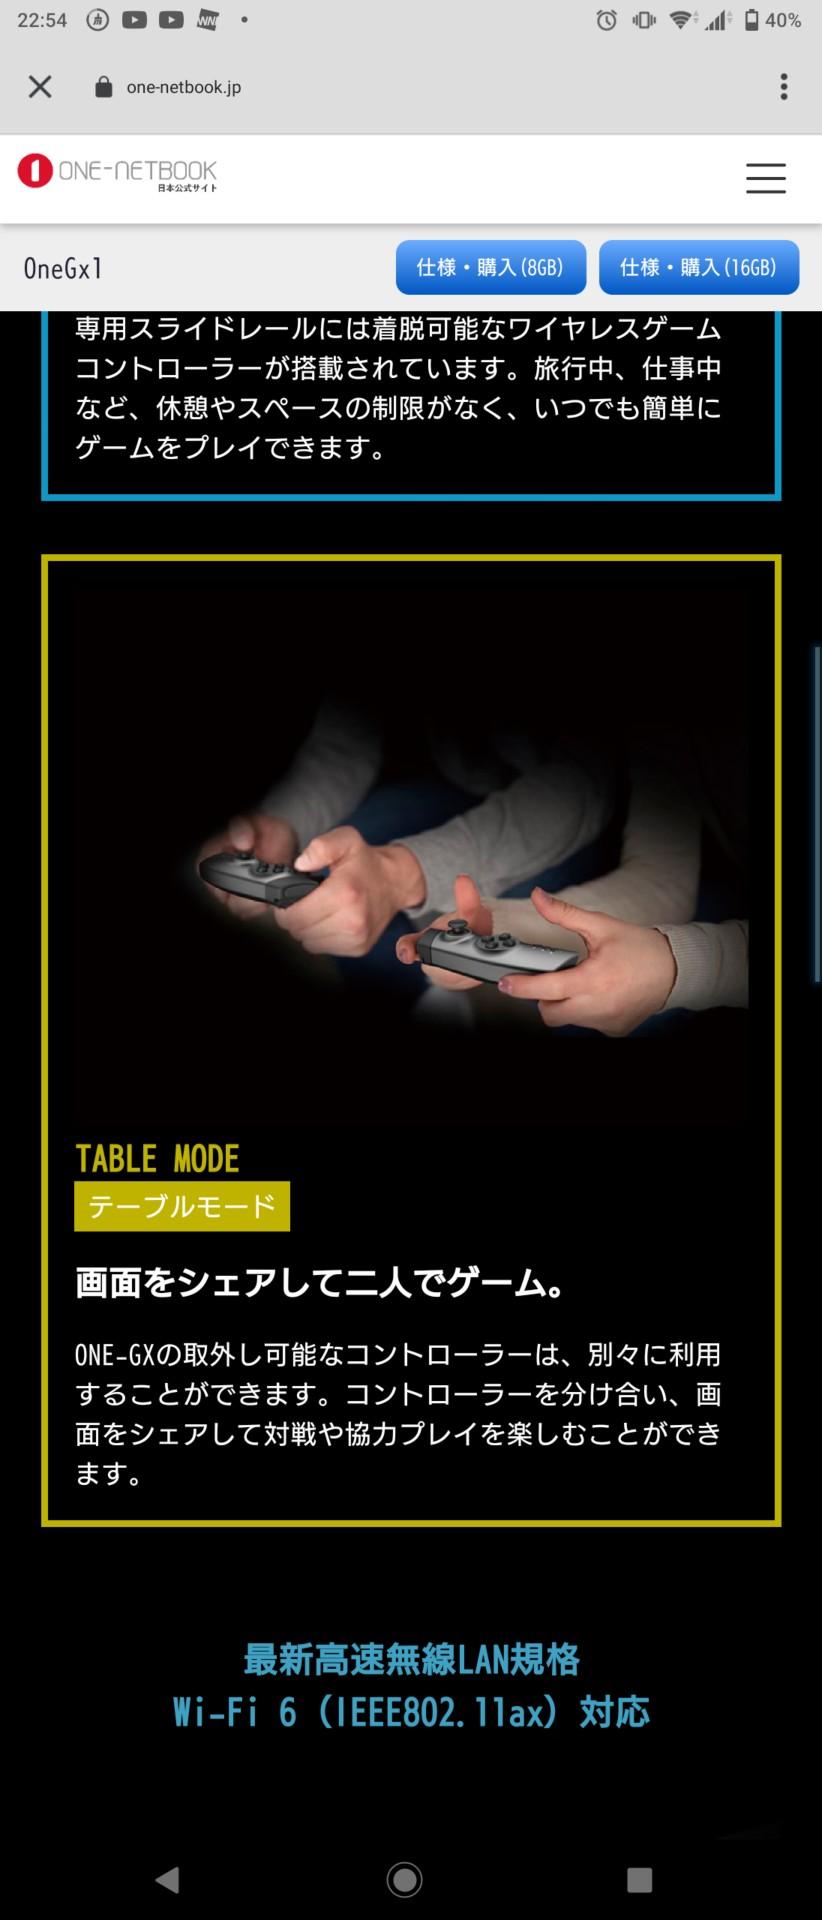 e0nB7W7 - 【スイッチ死亡】5G対応のゲーム機 ONE-GXが登場!!新たな伝説が始まる...